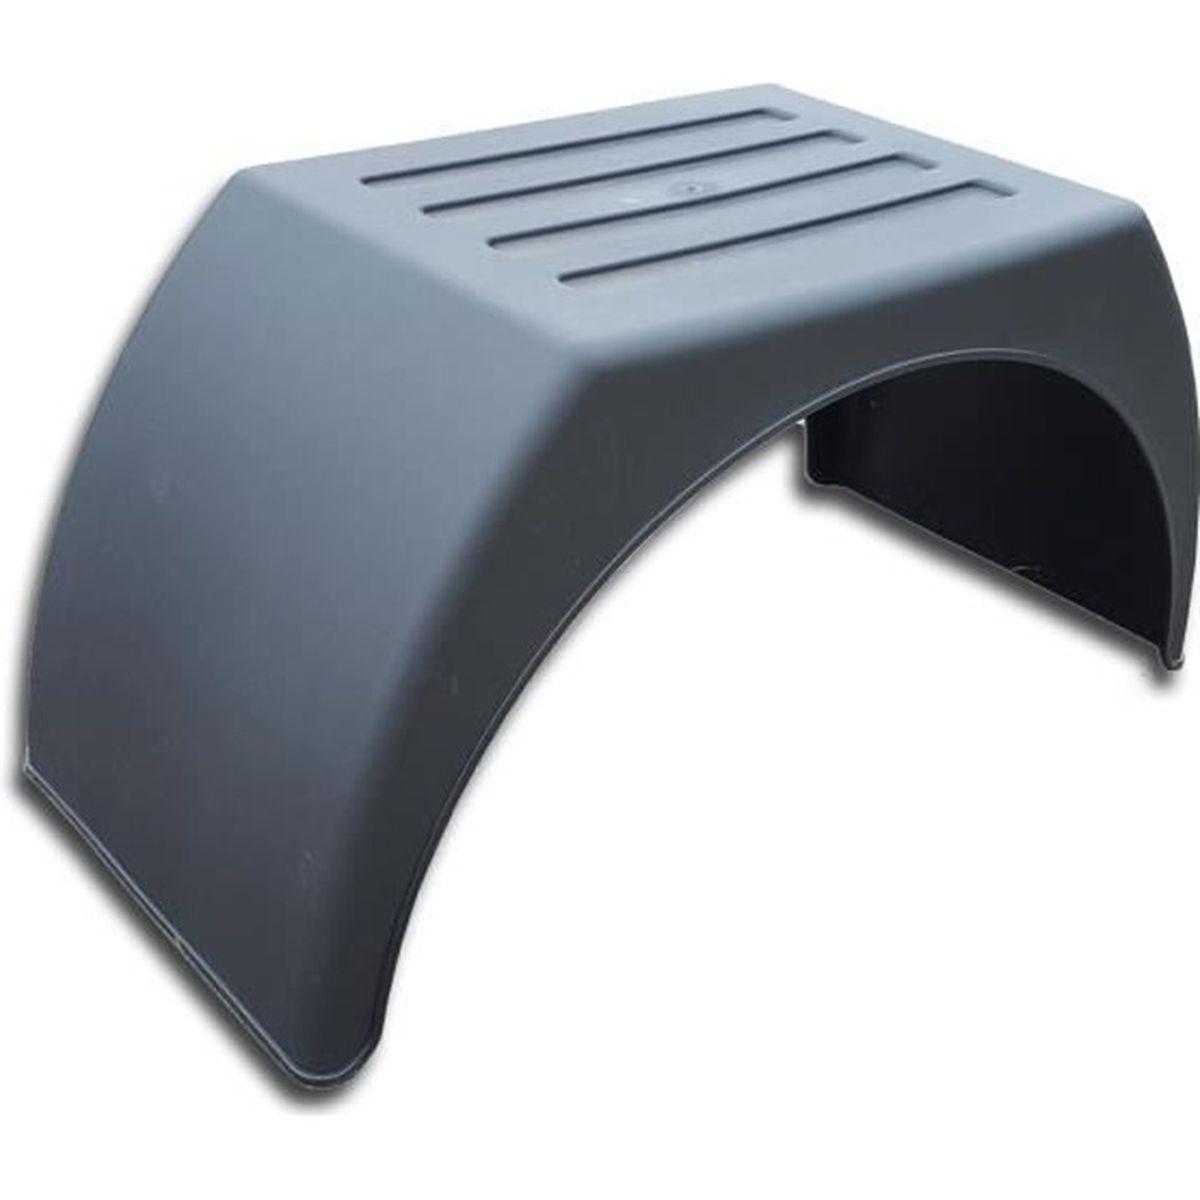 LLKLKL 4 Pi/èces Garde-Boue Bavettes Avant et Arri/ère Compatible avec Mercedes Benz Vito Viano W639 2009-2011 2010